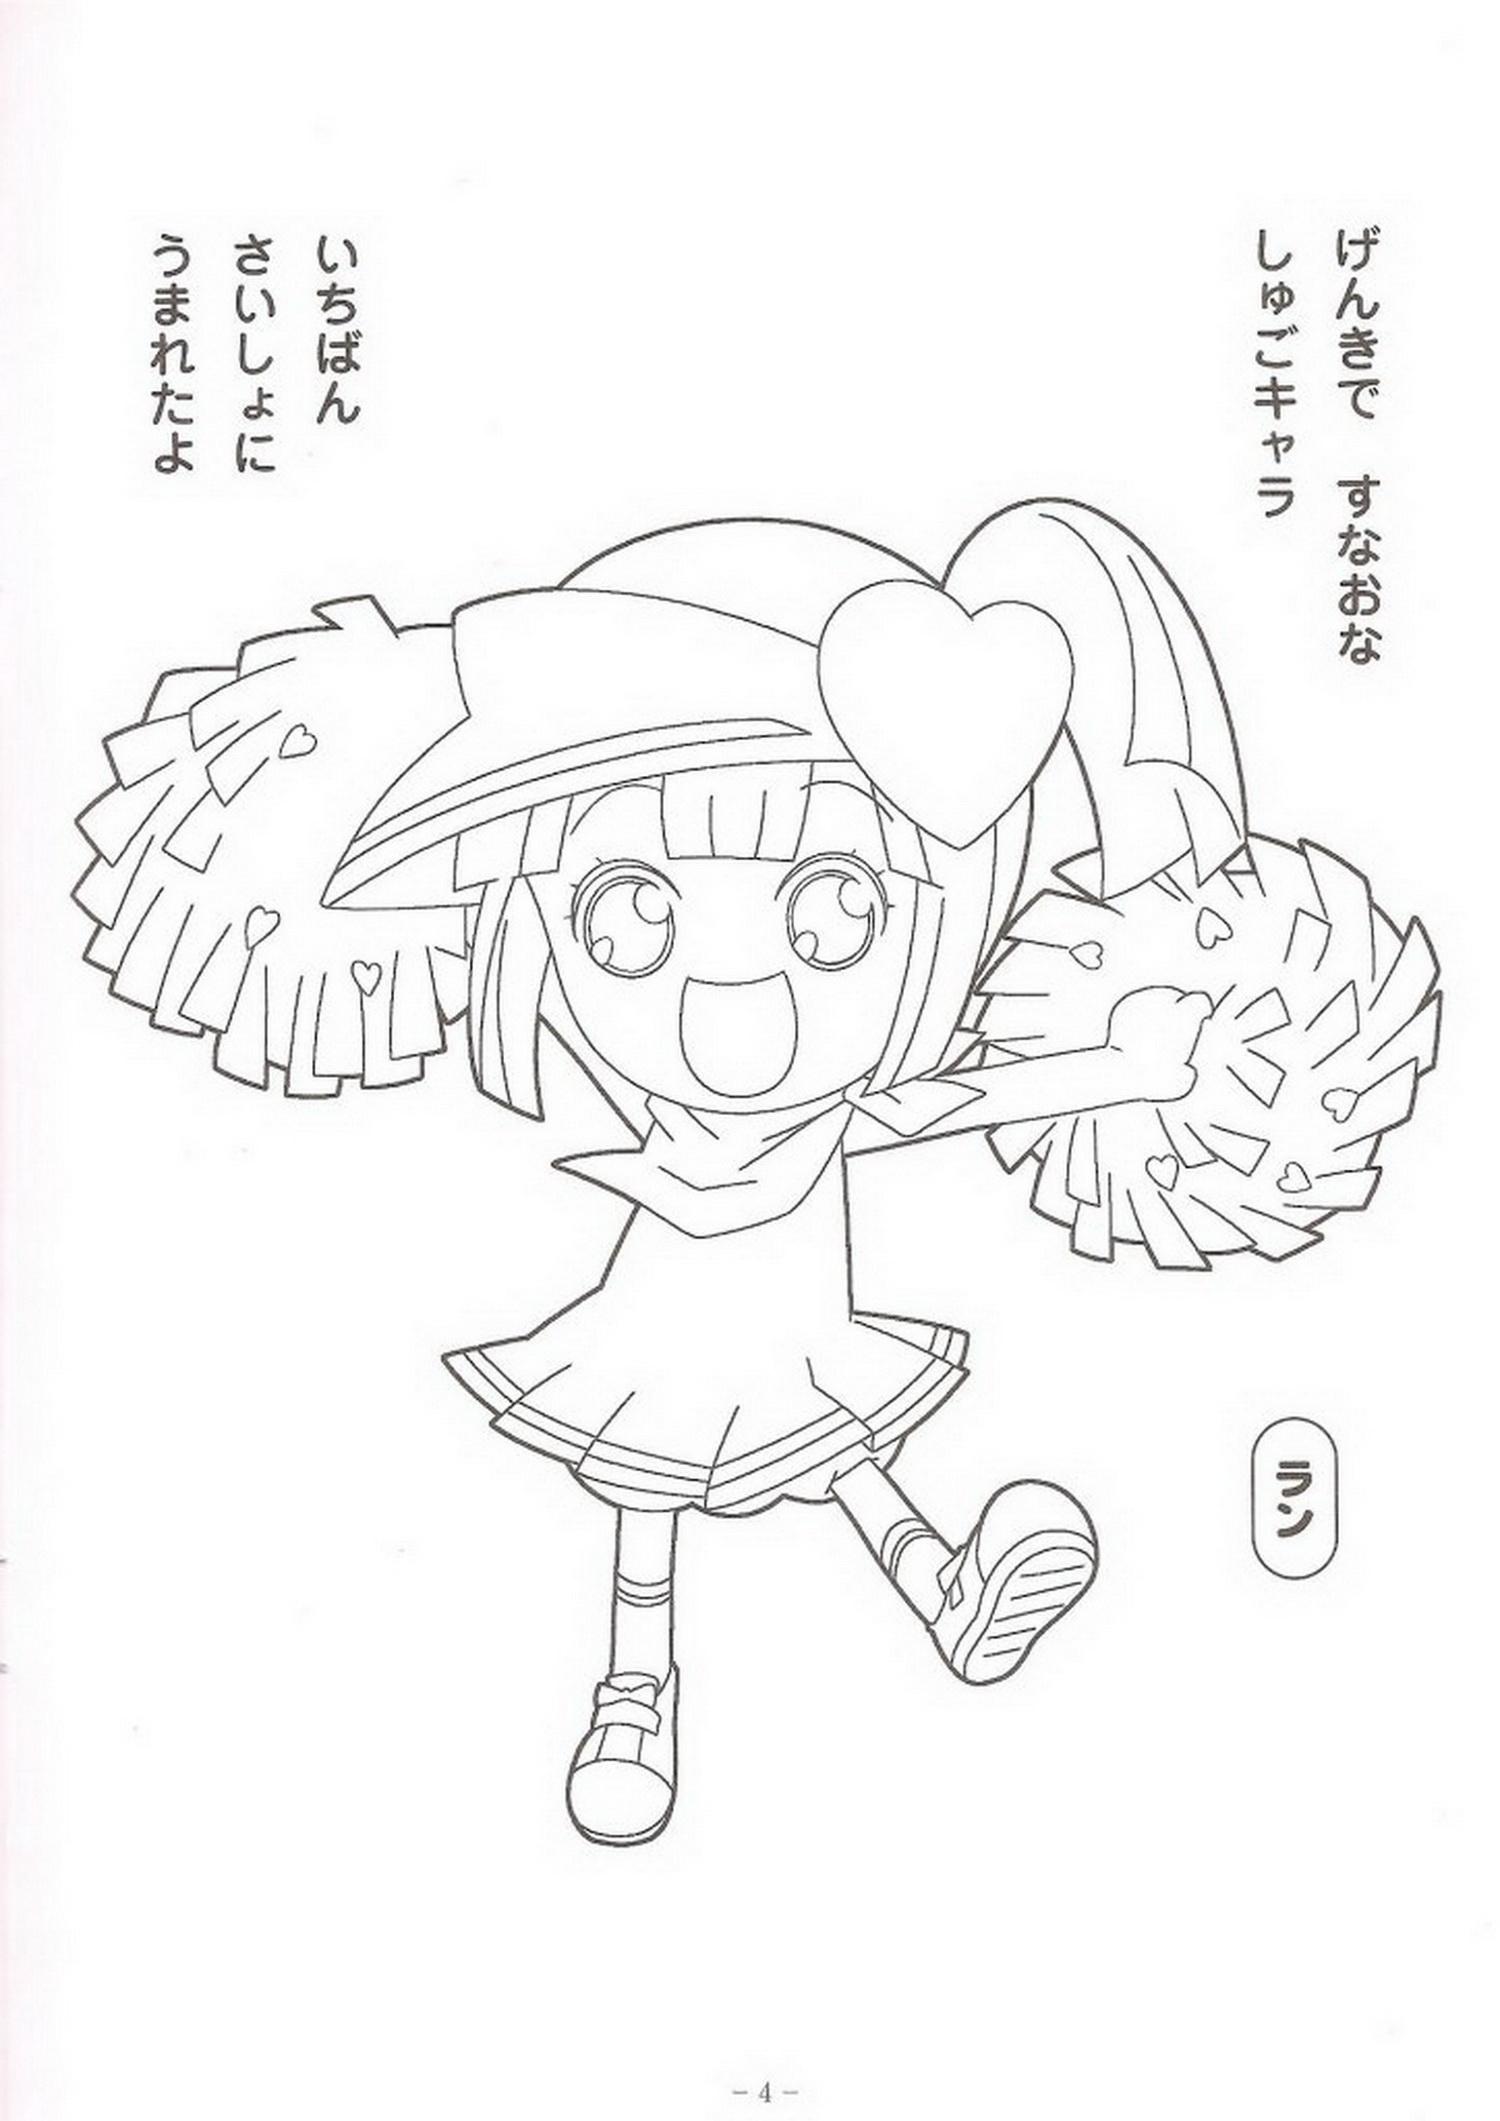 类似美少女战士的简笔画图片和守护甜心简笔画图片